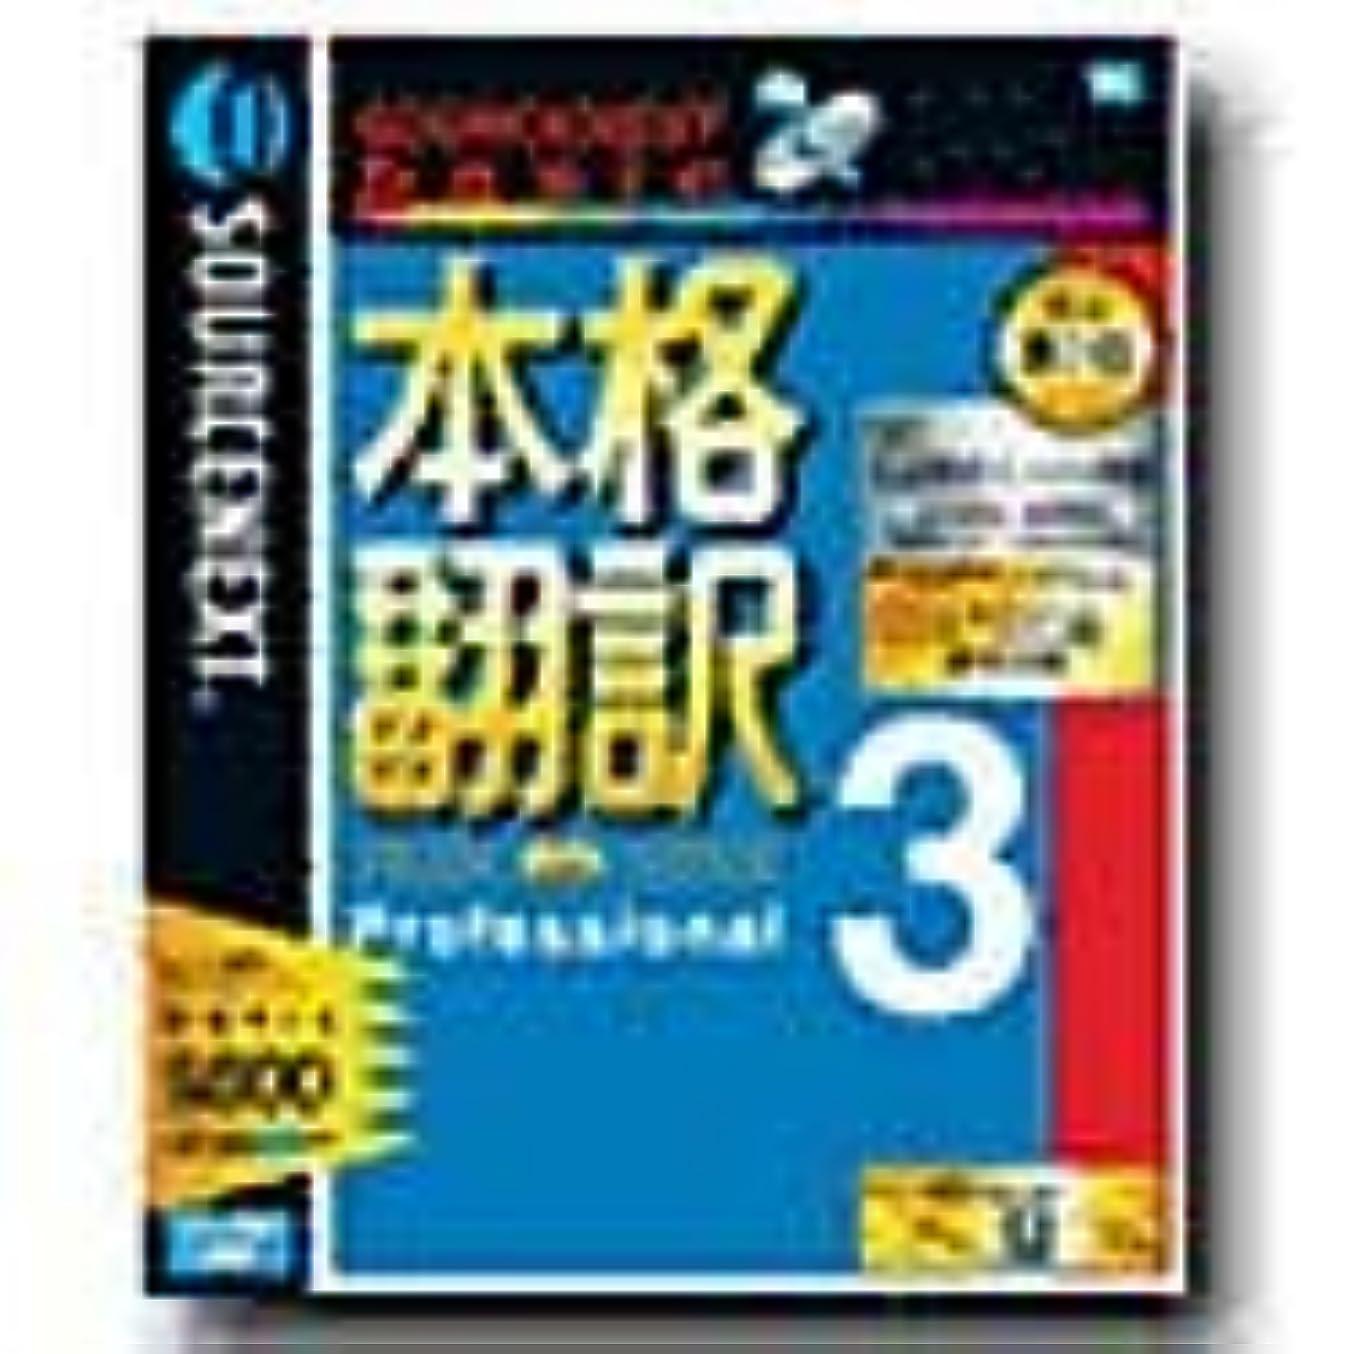 インストールタンク埋め込むSOURCENEXT basic 本格翻訳 3 Professional